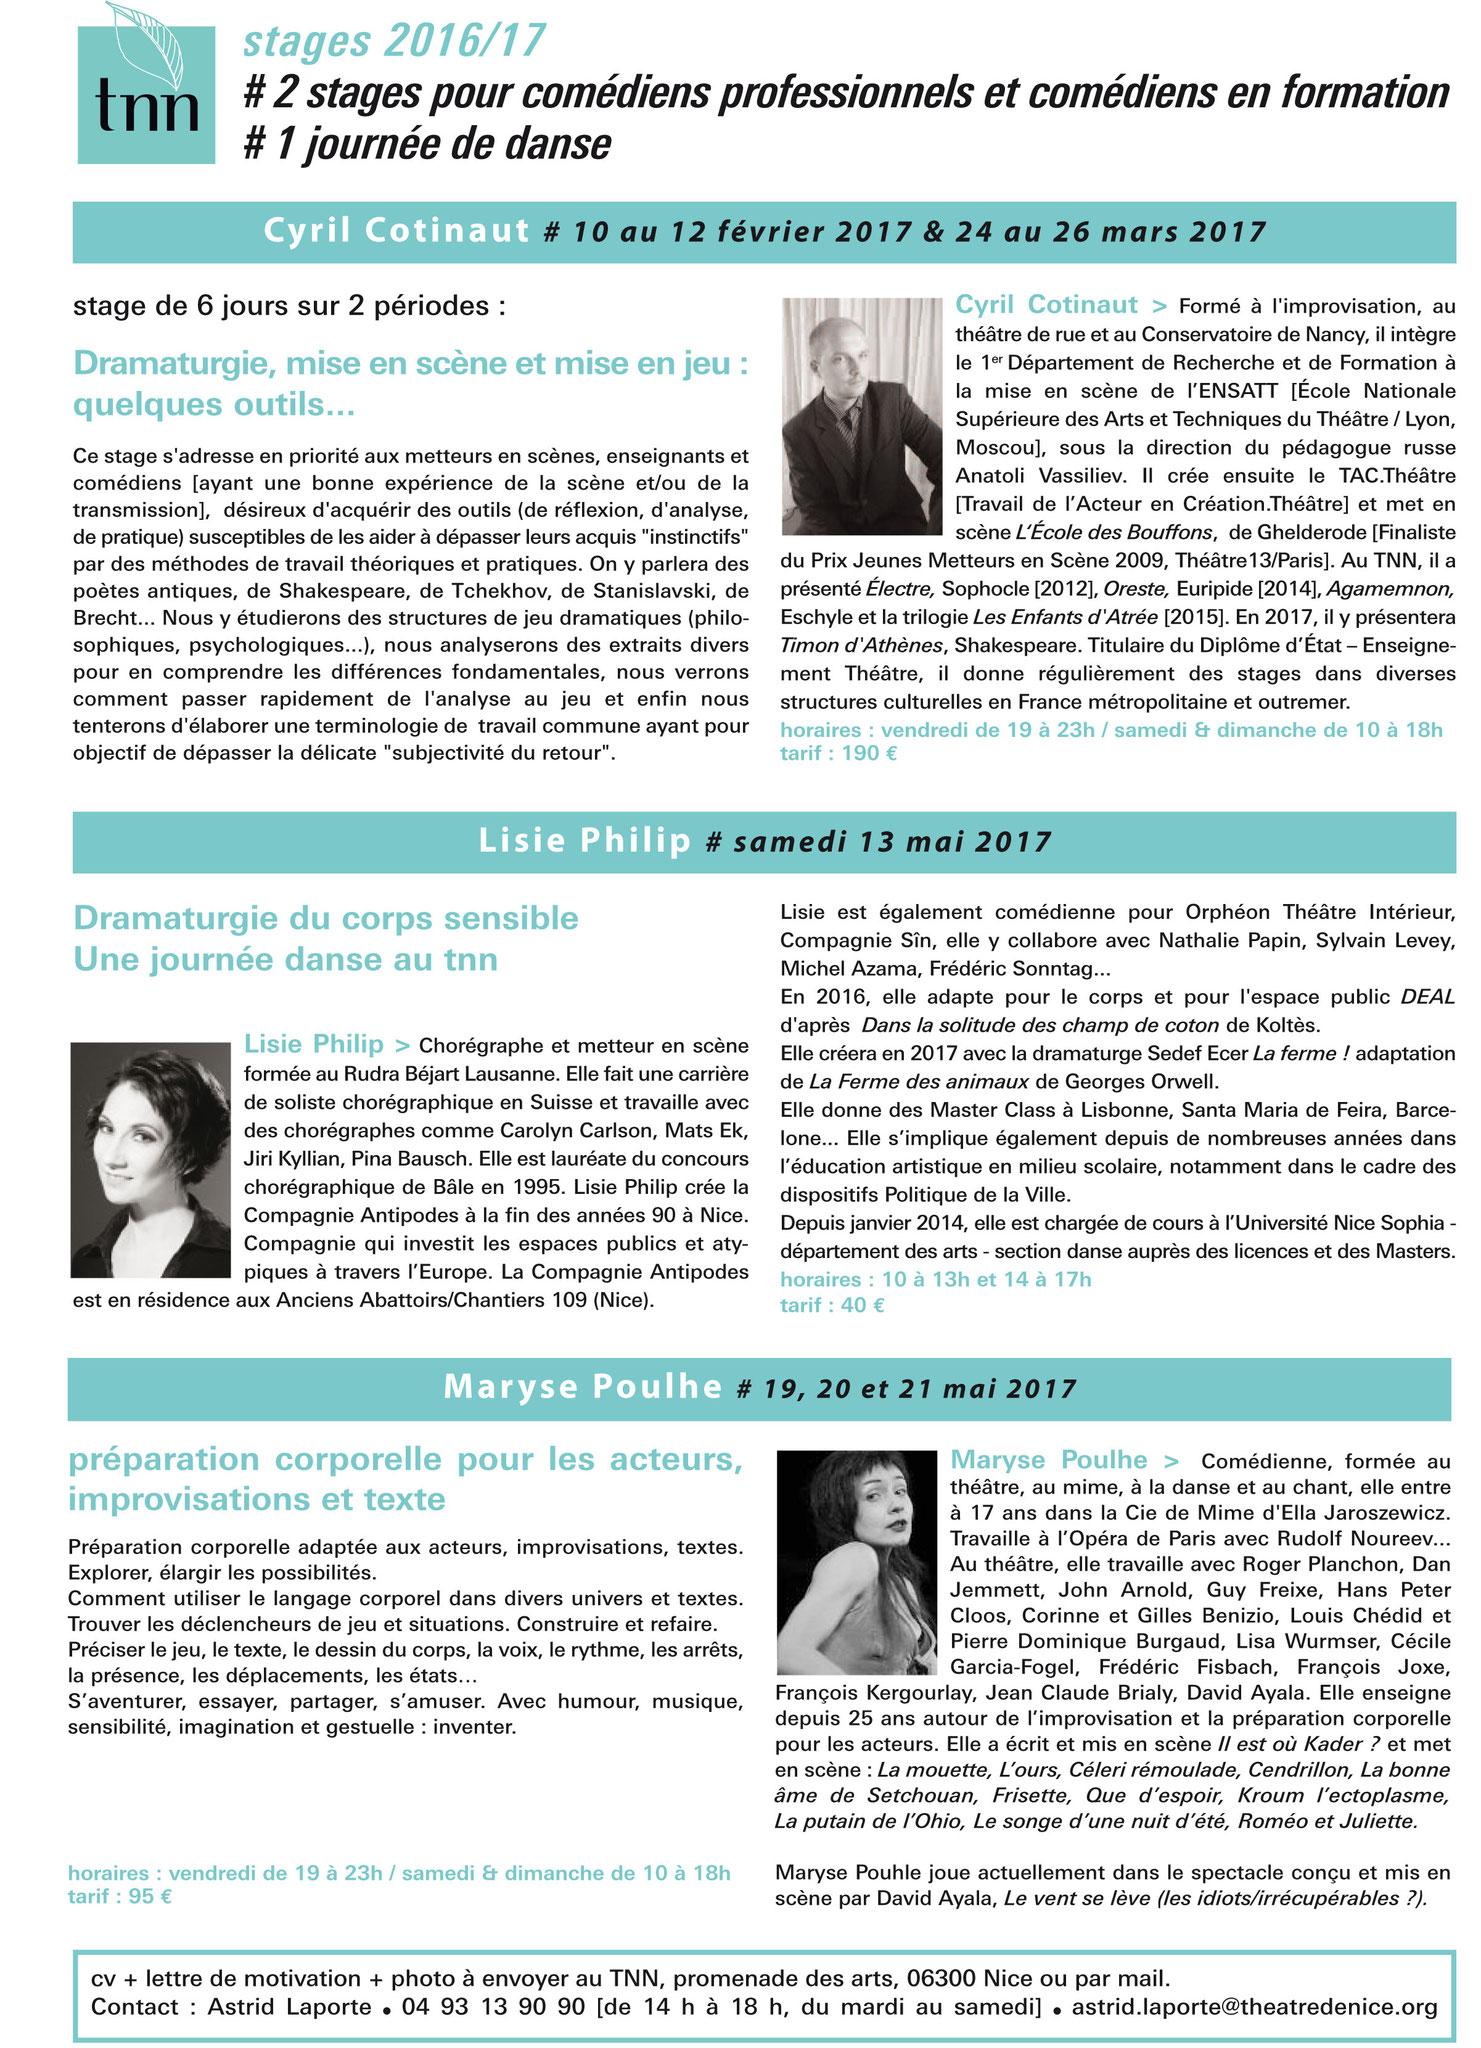 Stage sur l'action verbale autour d'HAMLET - Théâtre National de Nice CDN Nice Côte d'Azur - Février et Mars 2017